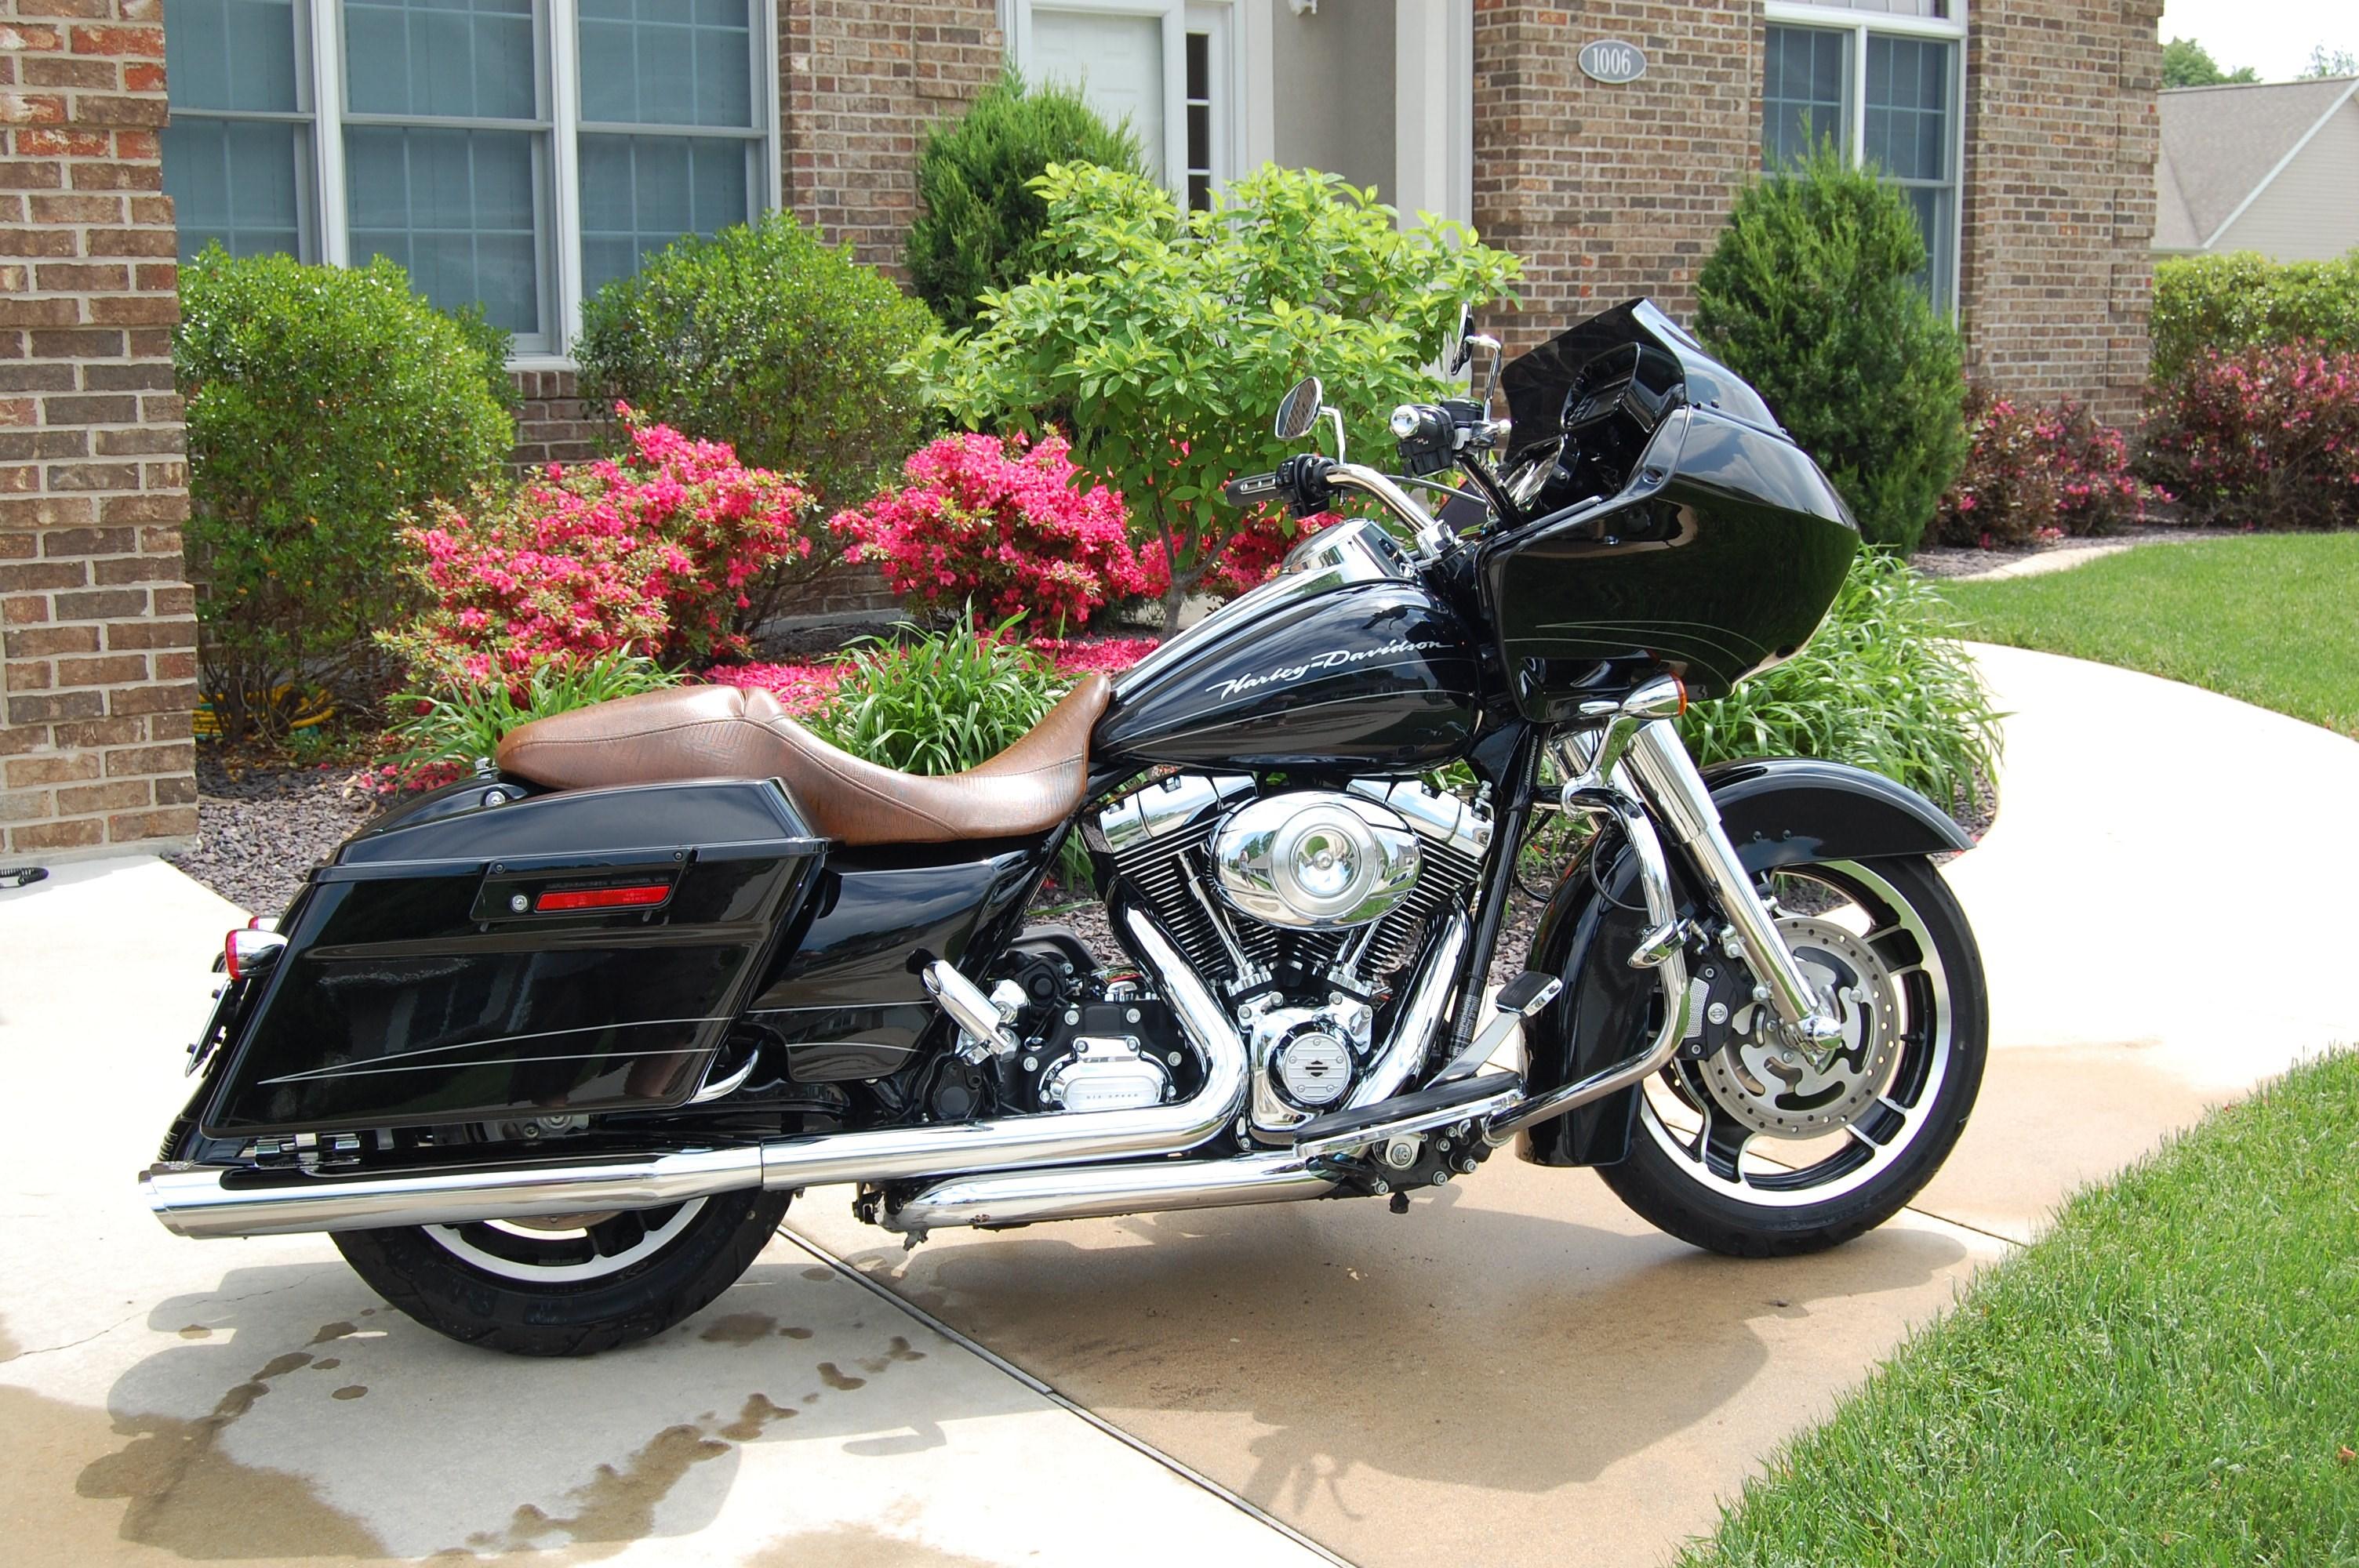 2011 harley davidson fltrx road glide custom black effingham illinois 366860. Black Bedroom Furniture Sets. Home Design Ideas